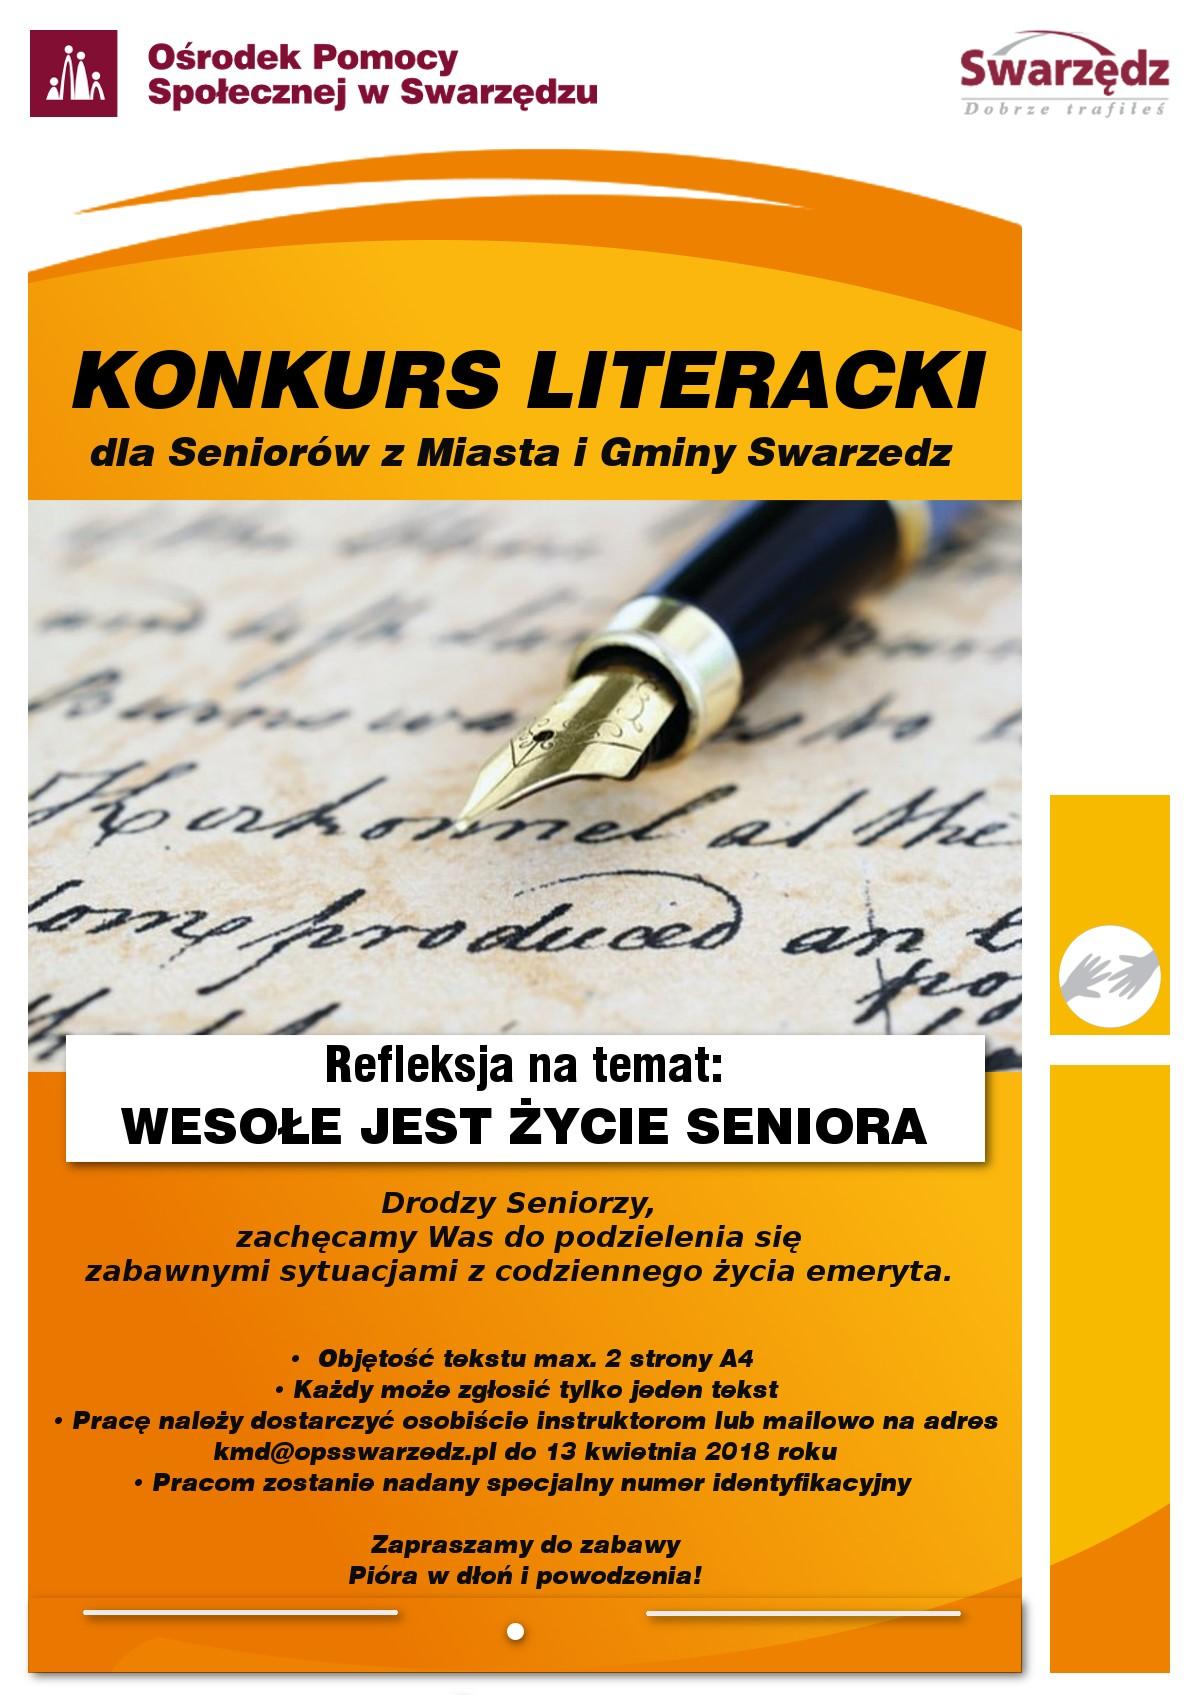 konkurs literackiWJZS